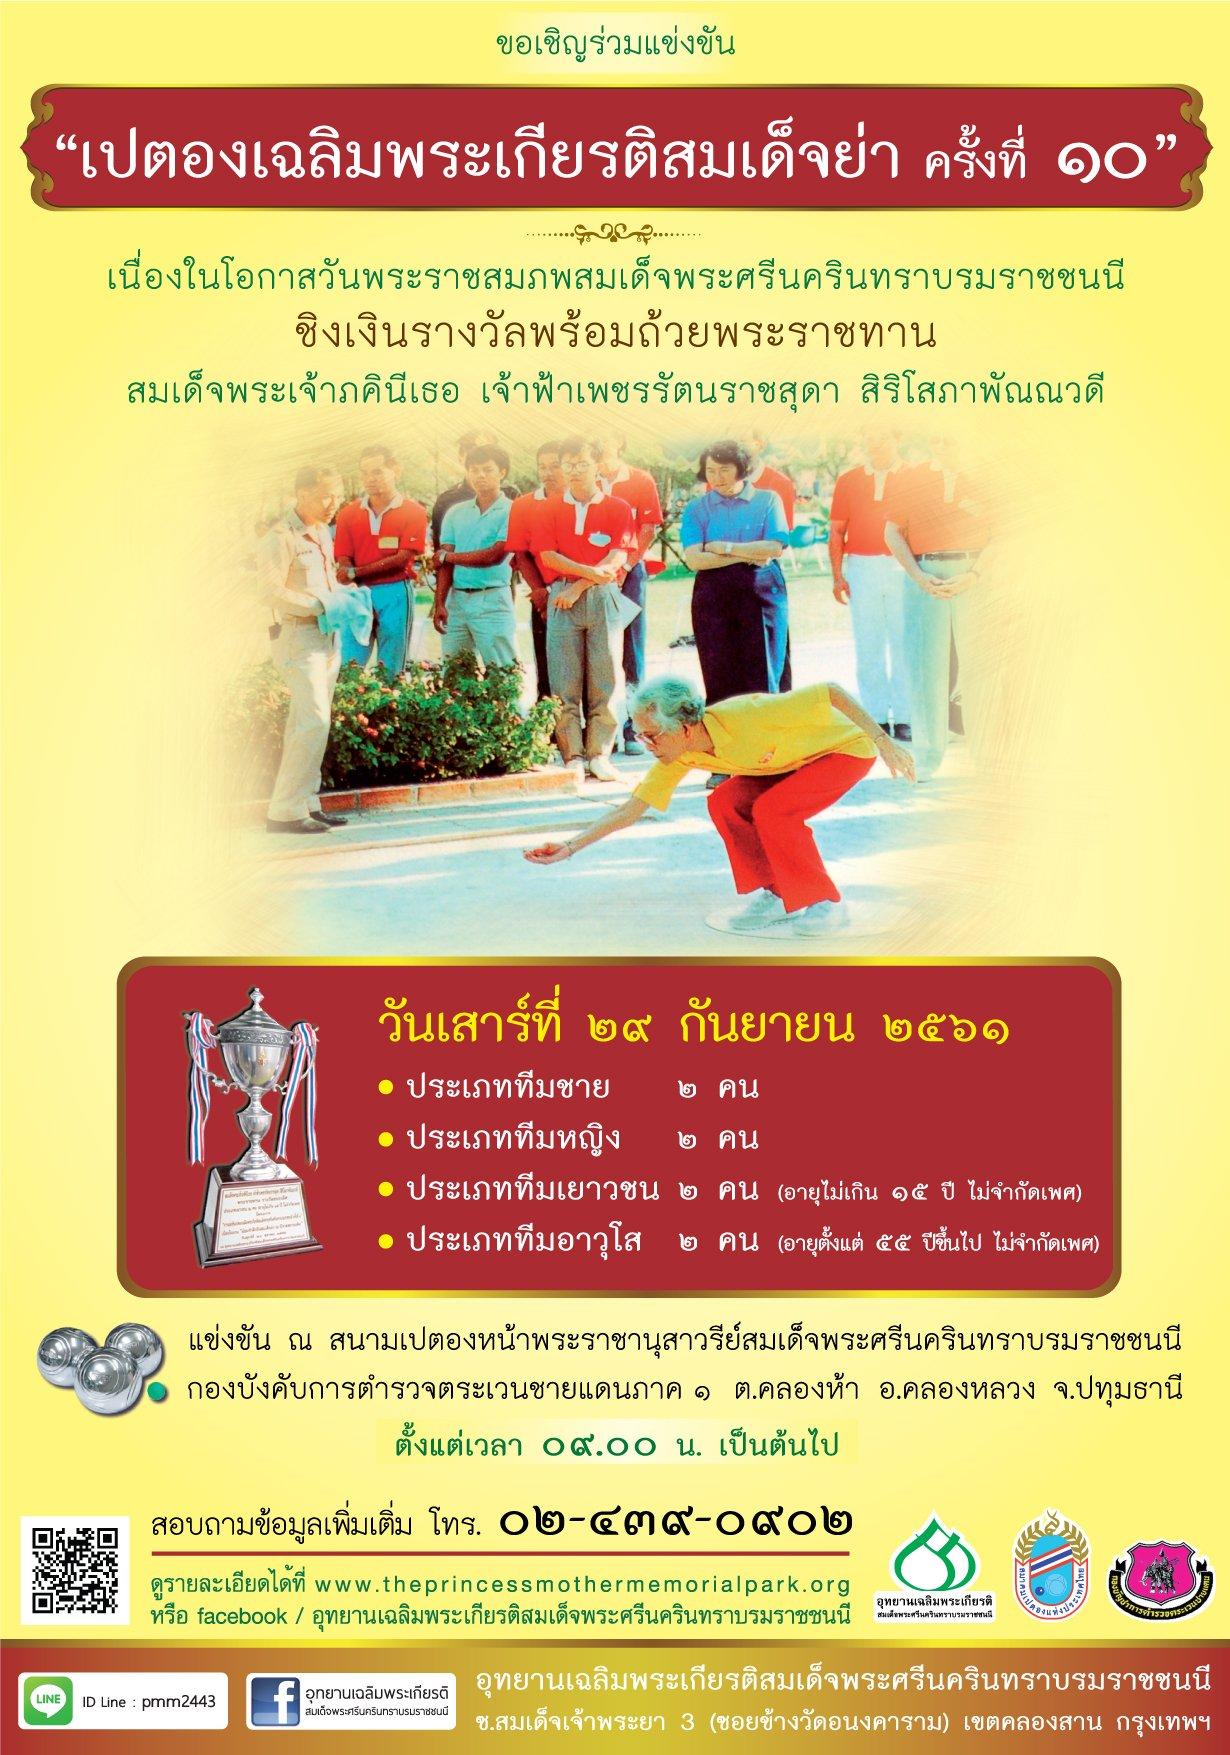 """ขอเชิญร่วมแข่งขัน """"กีฬาเปตองเฉลิมพระเกียรติสมเด็จย่า"""" ครั้งที่ 10 ชิงถ้วยพระราชทาน 13 -"""